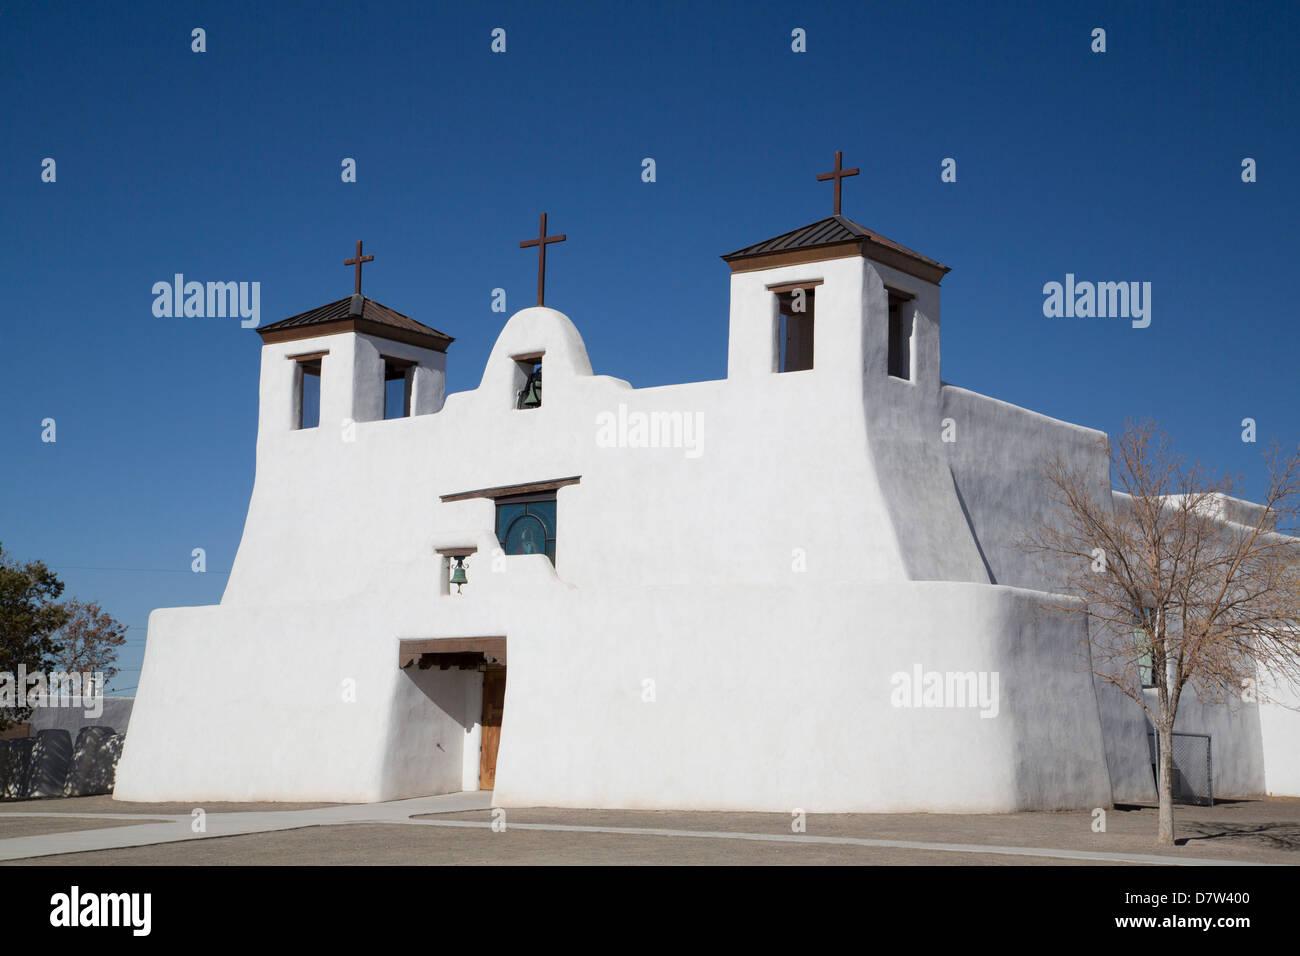 St. Augustine Church, Isleta Pueblo, New Mexico, USA Stock Photo